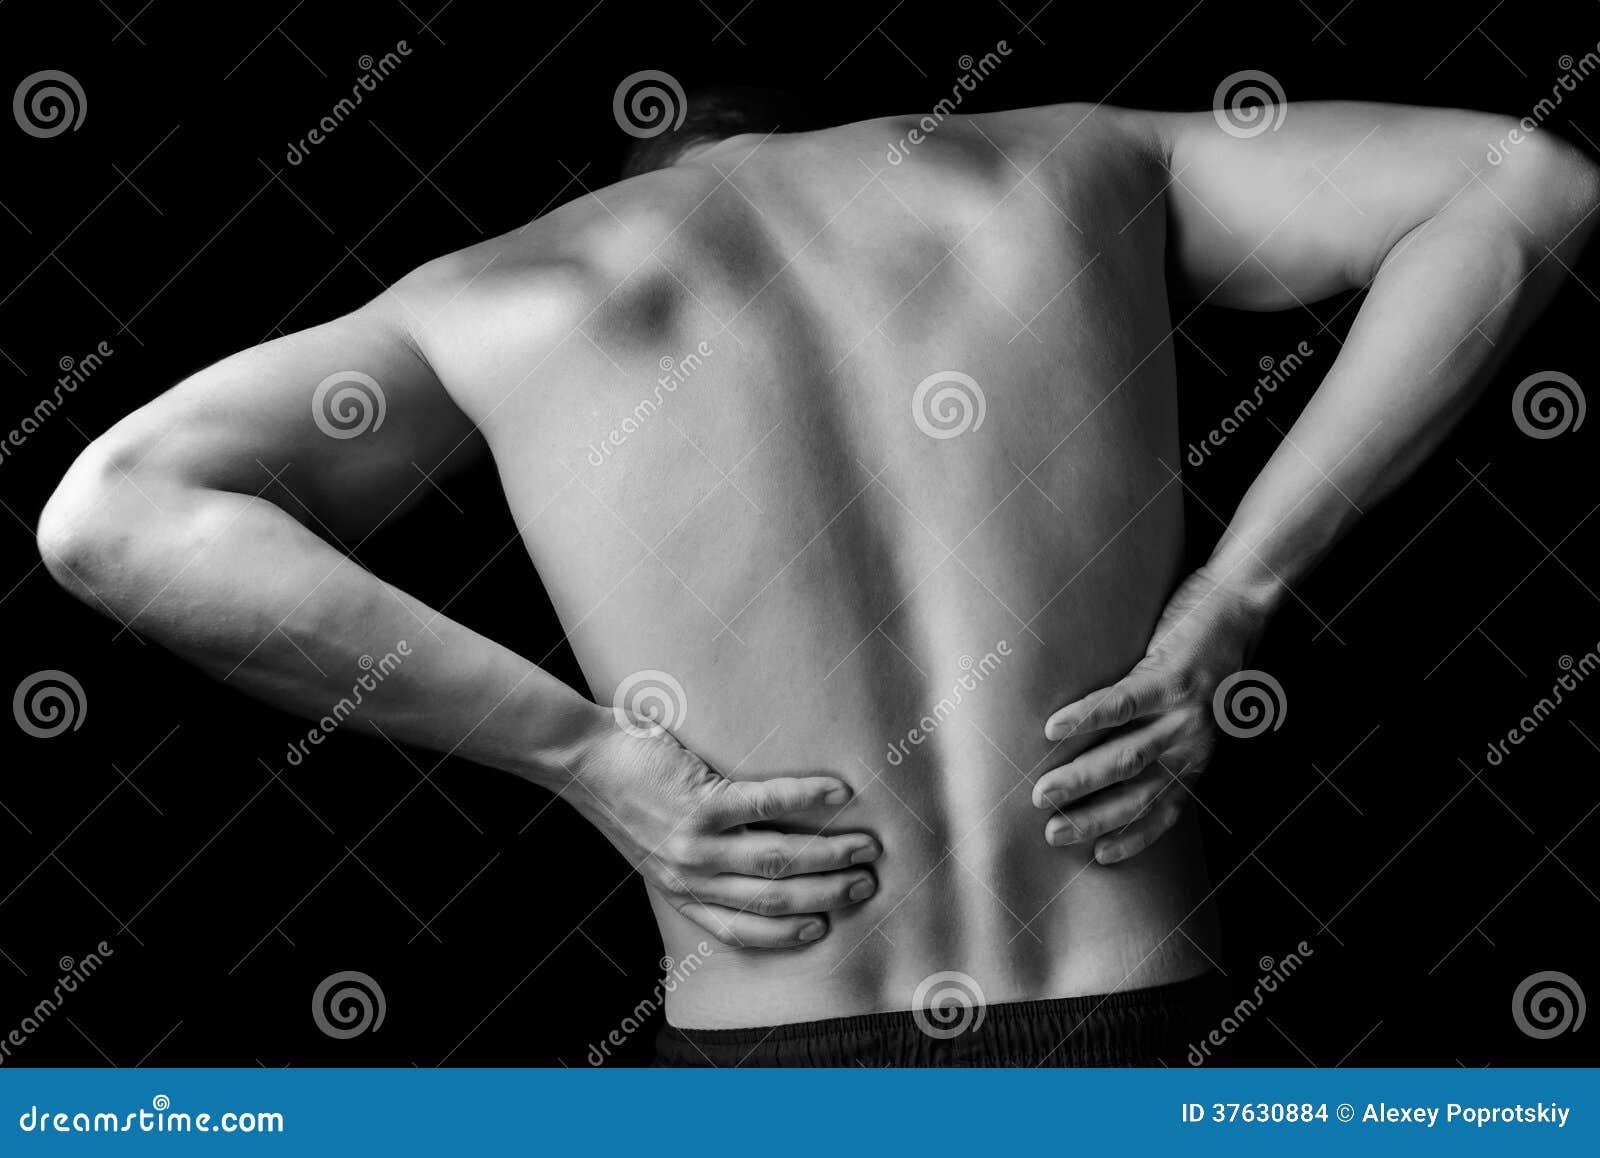 Scherpe rugpijn